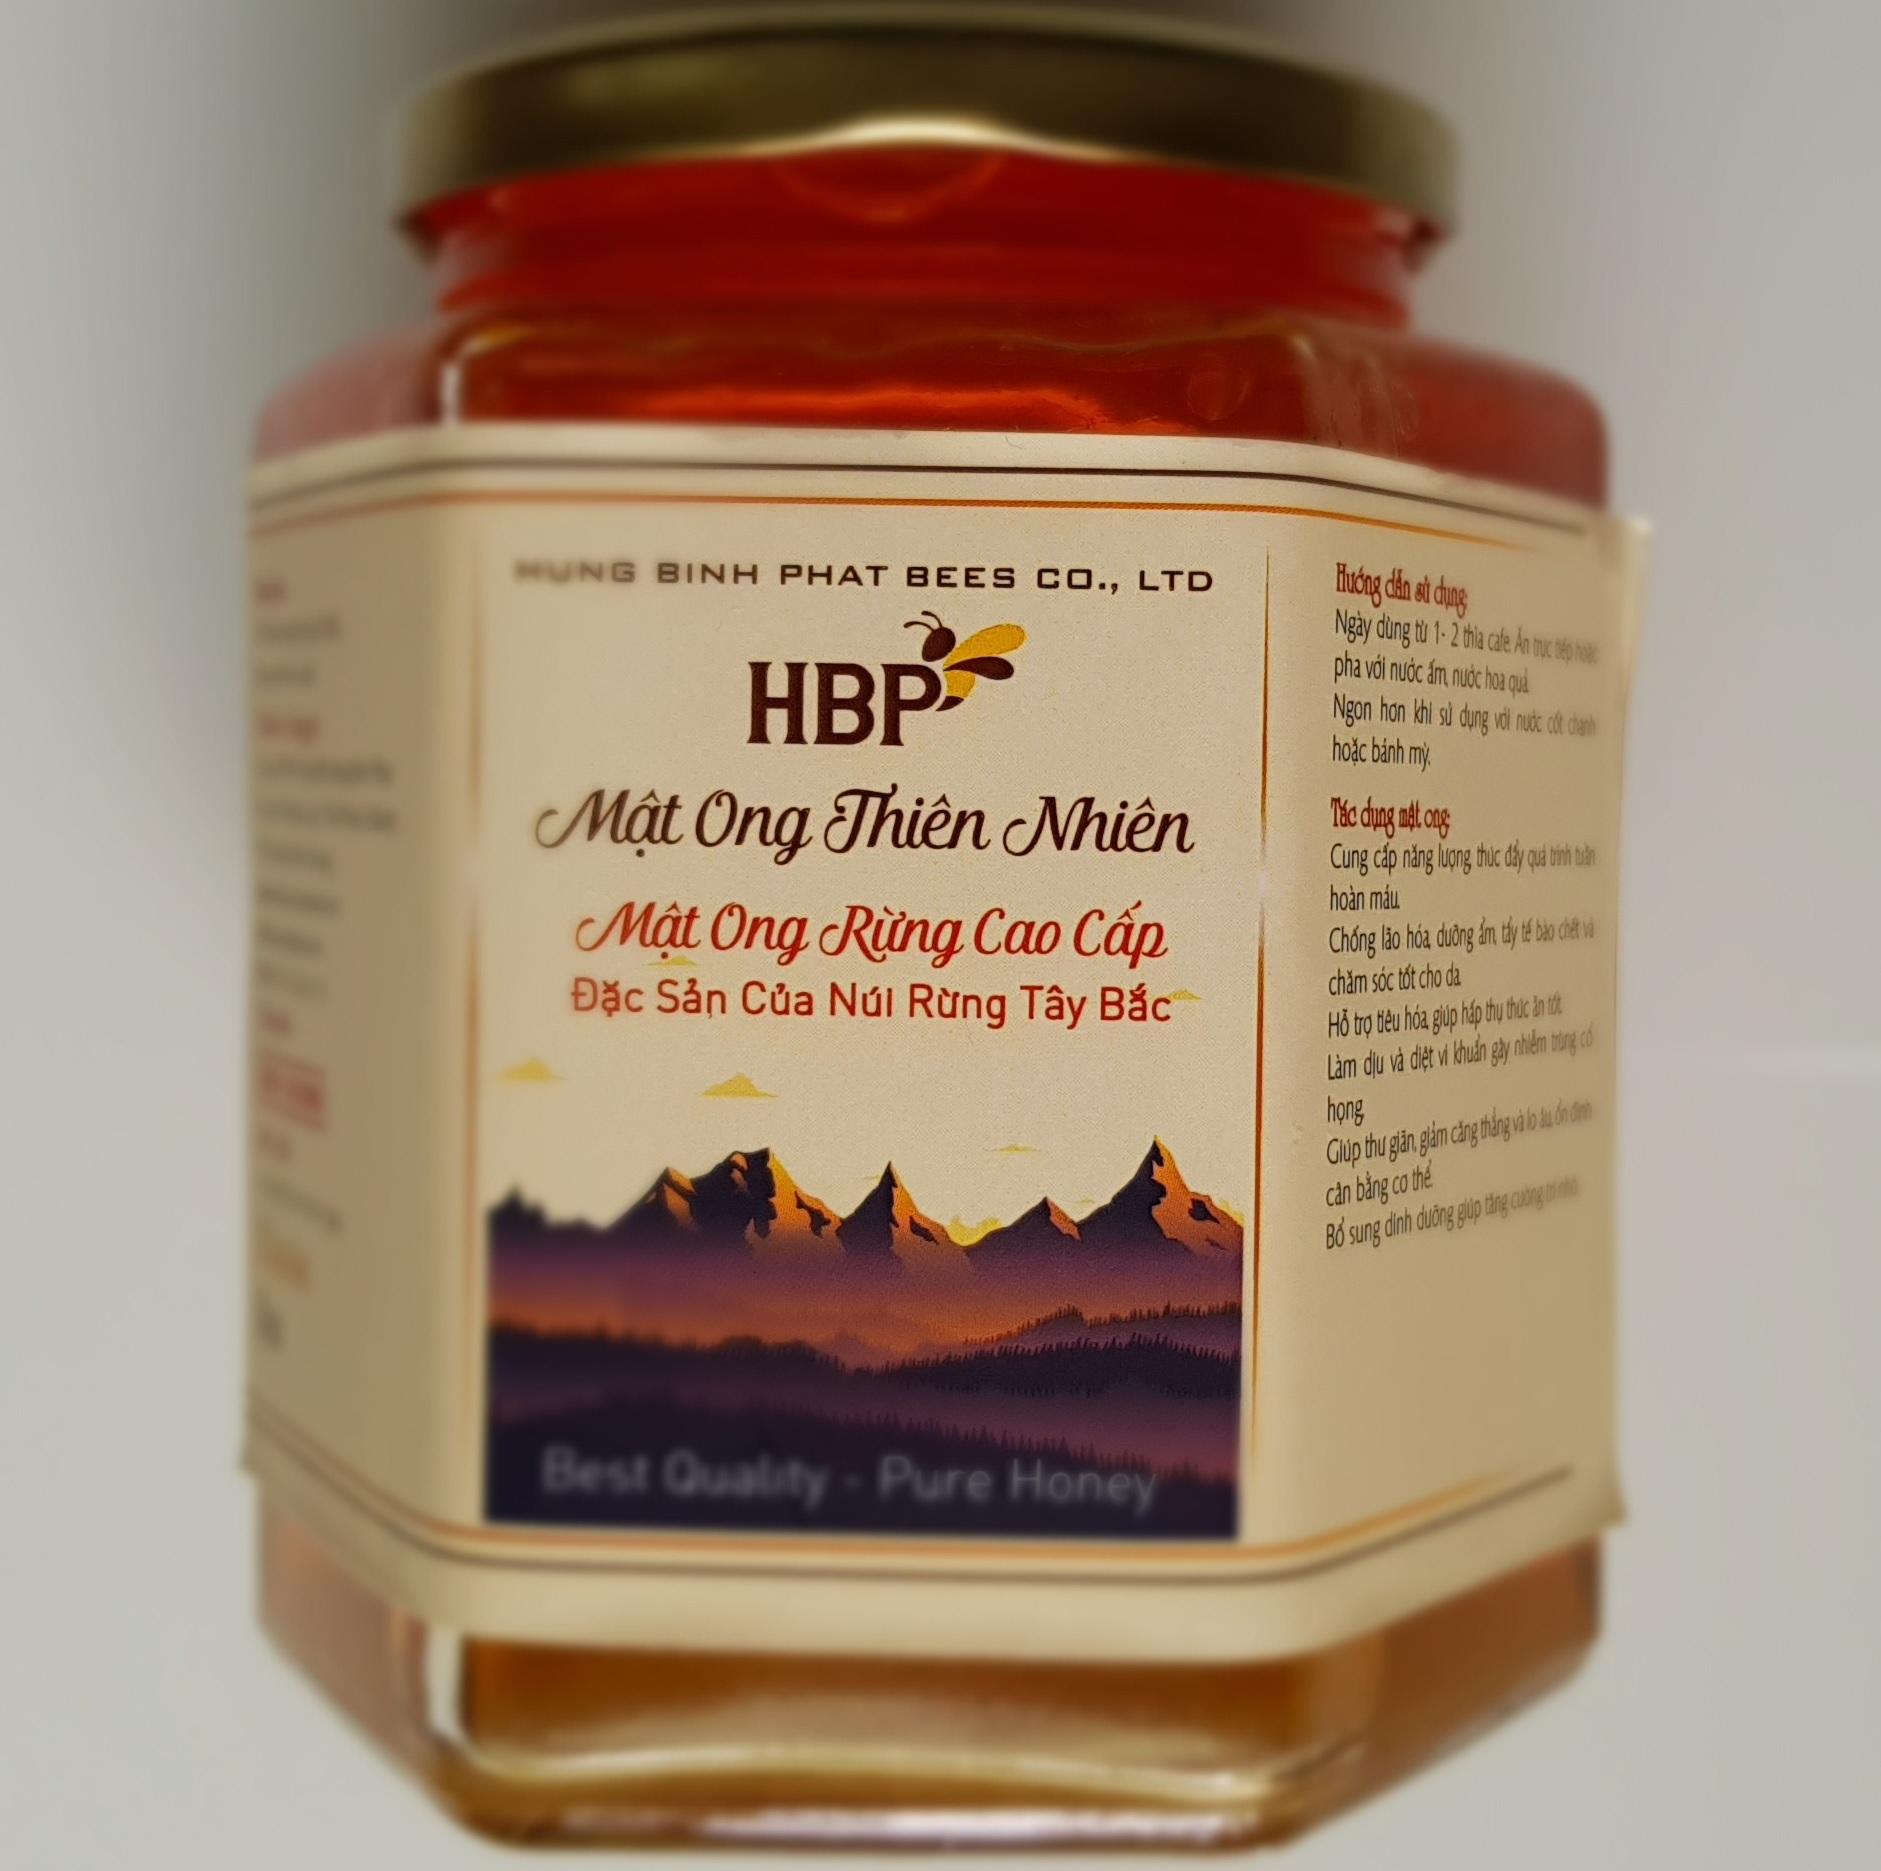 Mật ong hoa rừng, Đặc sản Tây Bắc - Hũ 600g (Xả hàng cuối năm, Free ship, đổi trả nếu không hài lòng về chất lượng), tăng cường hệ miễn dịch, gia vị của nhiều món đồ ăn, thức uống, làm mask cho chị em